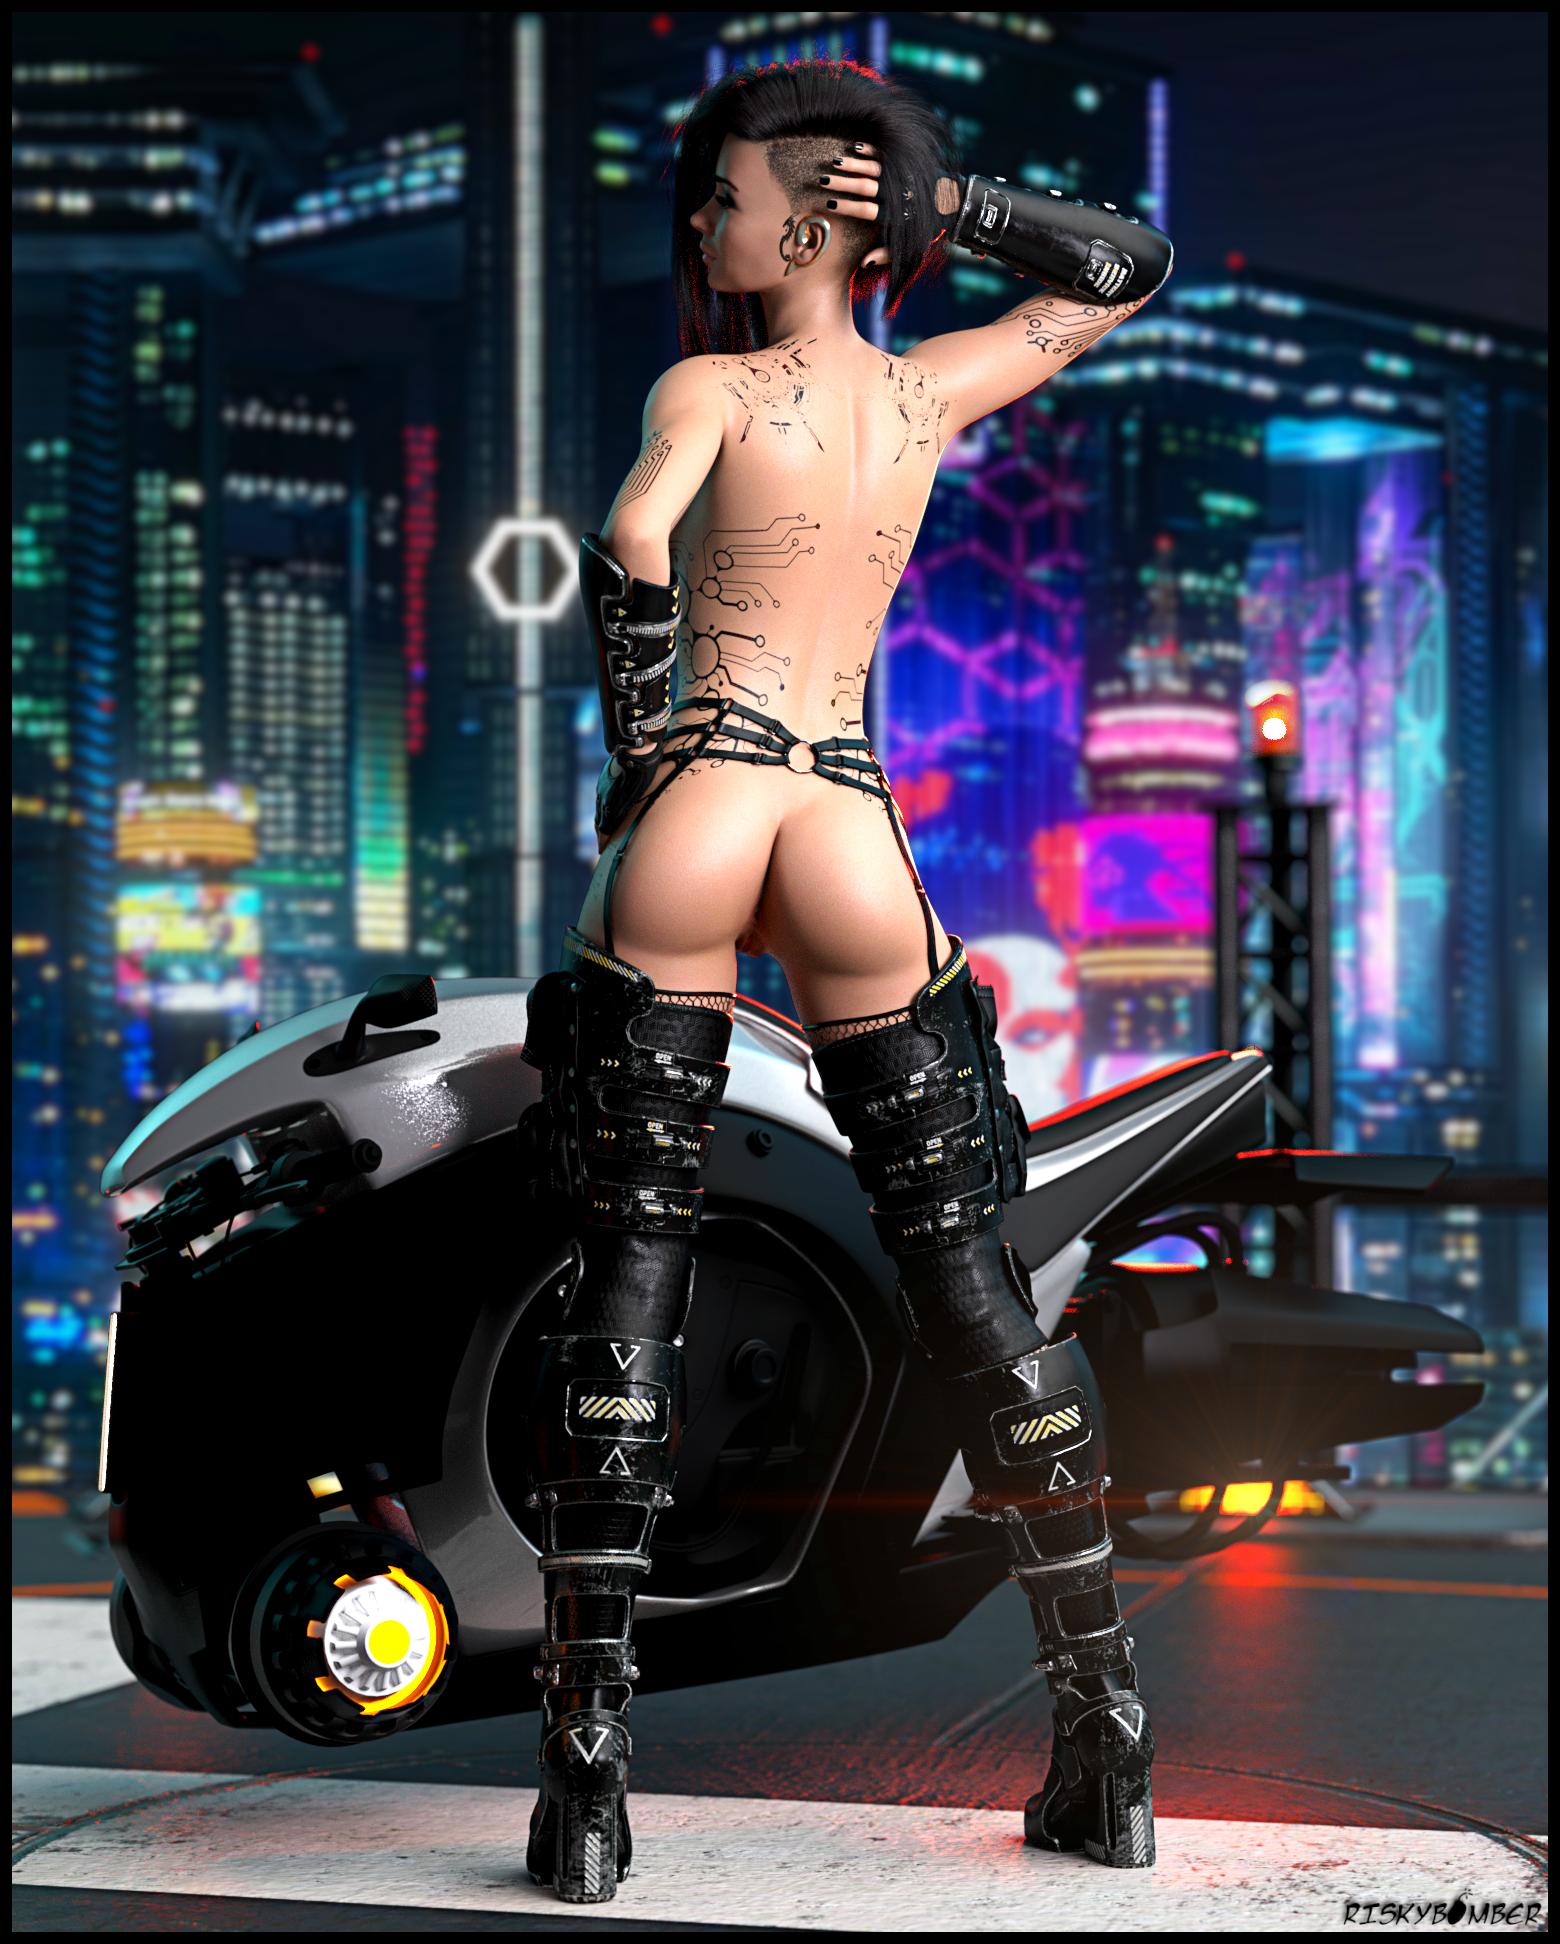 Cyberpunk Fan Art